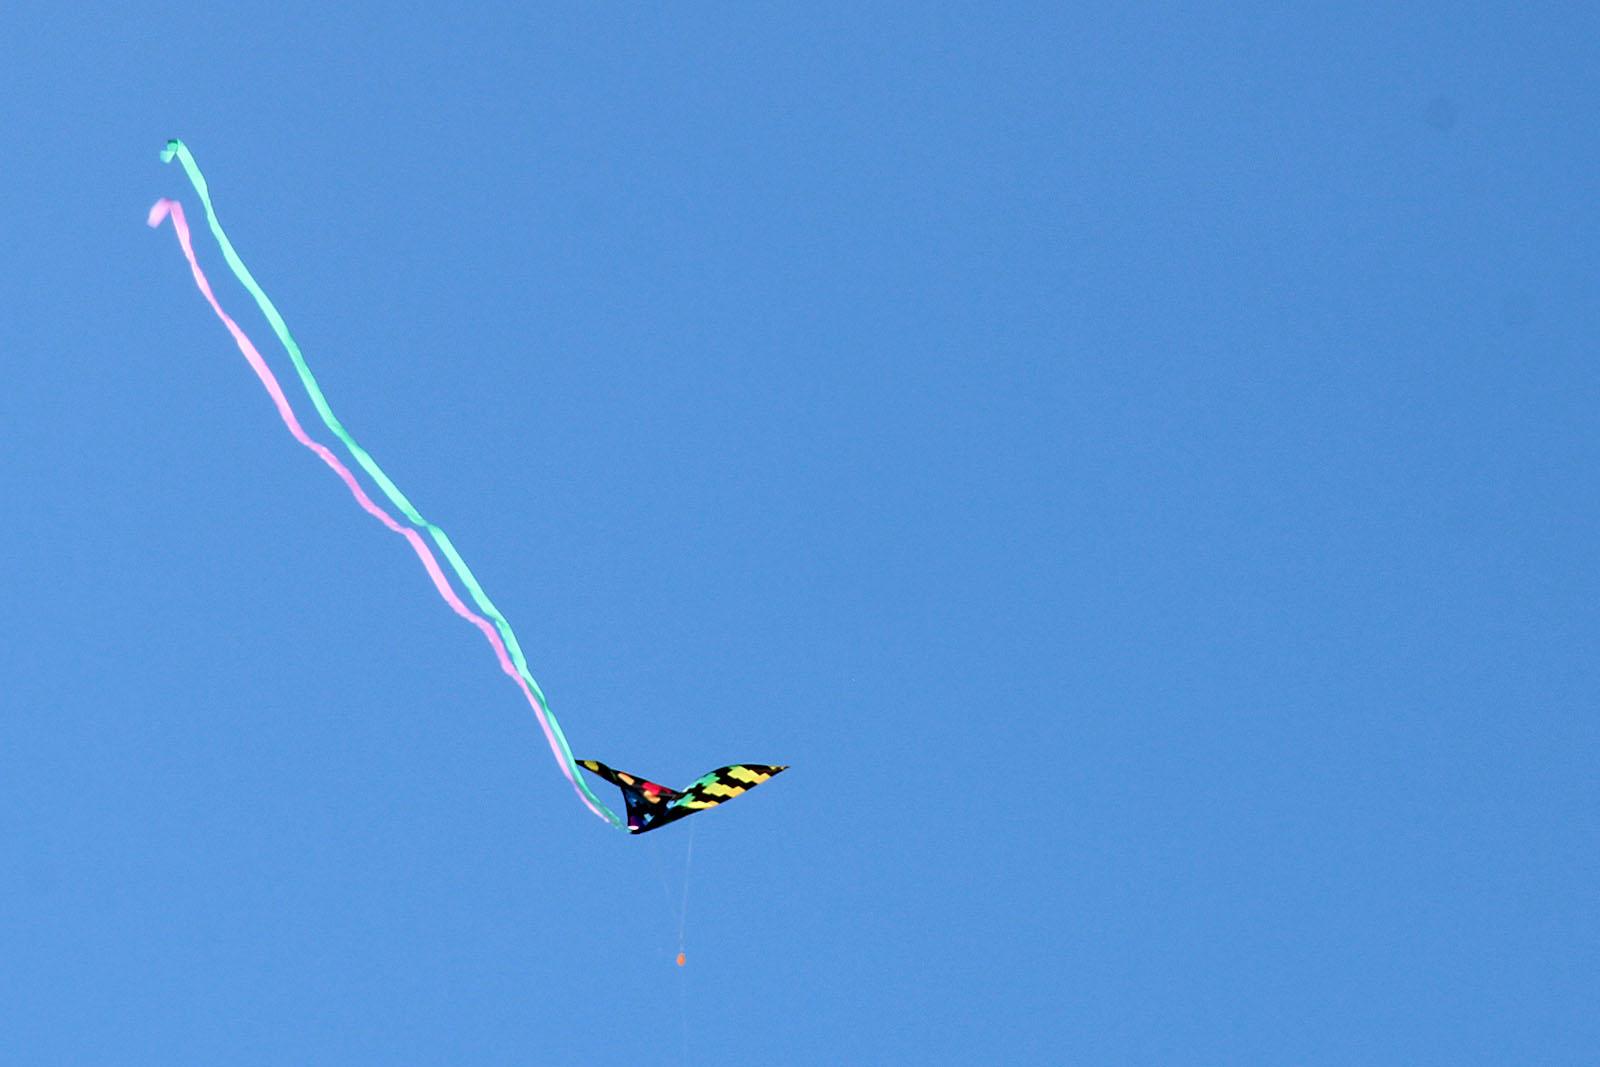 SNAP: Blue Skies and Kites